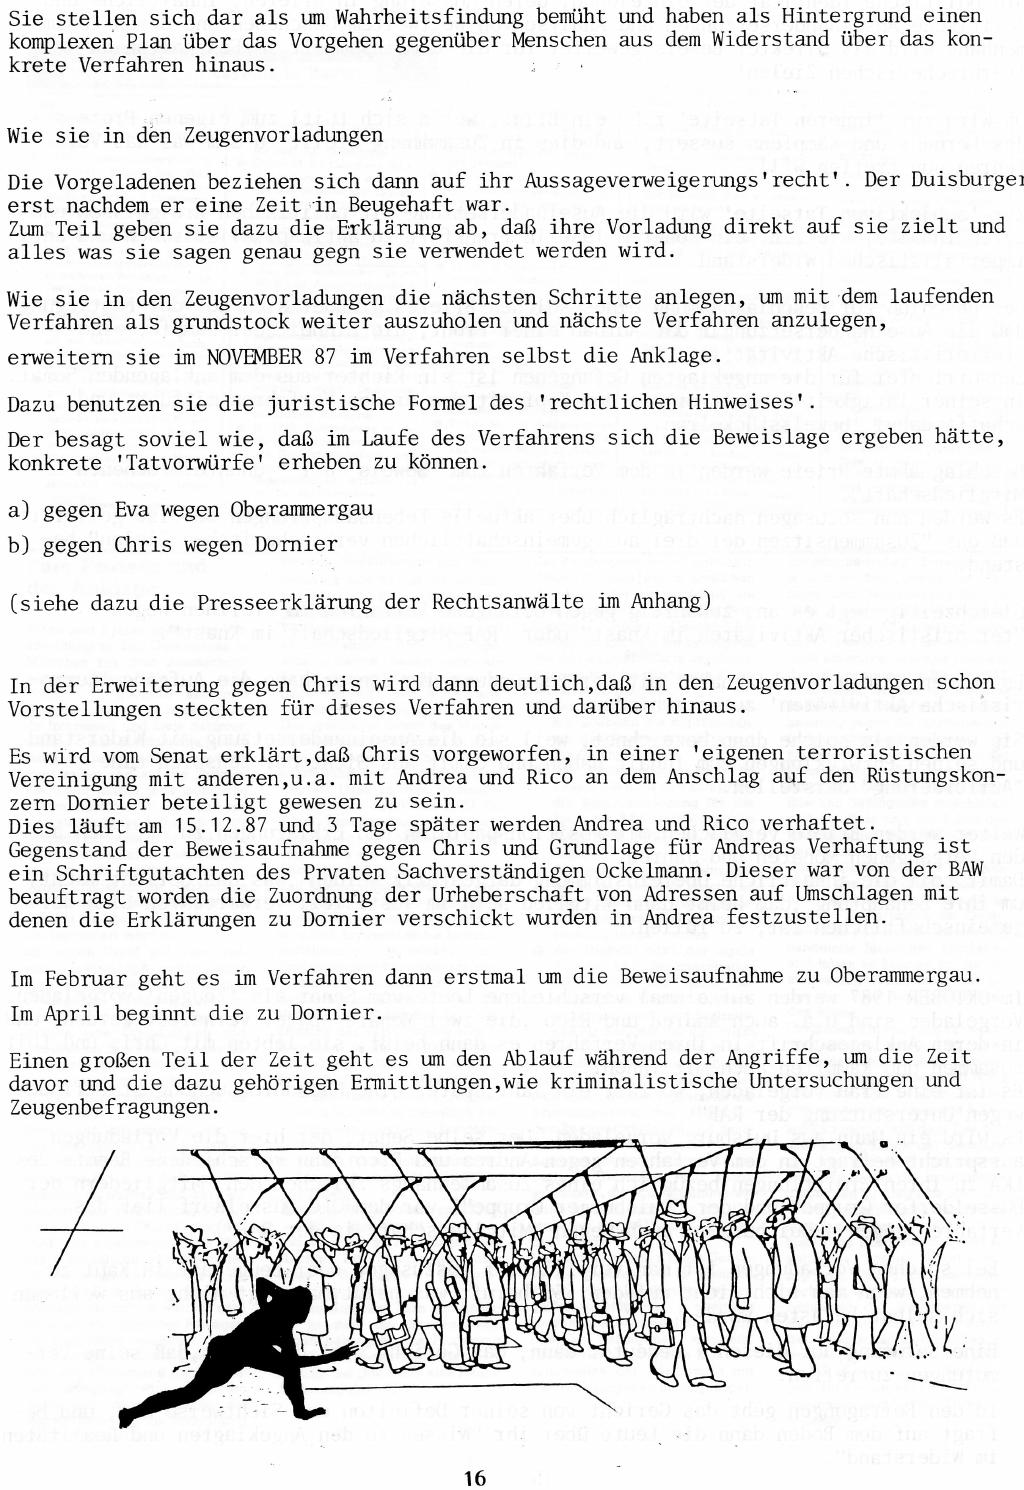 Duesseldorf_1989_Sechs_Politische_Gefangene_016